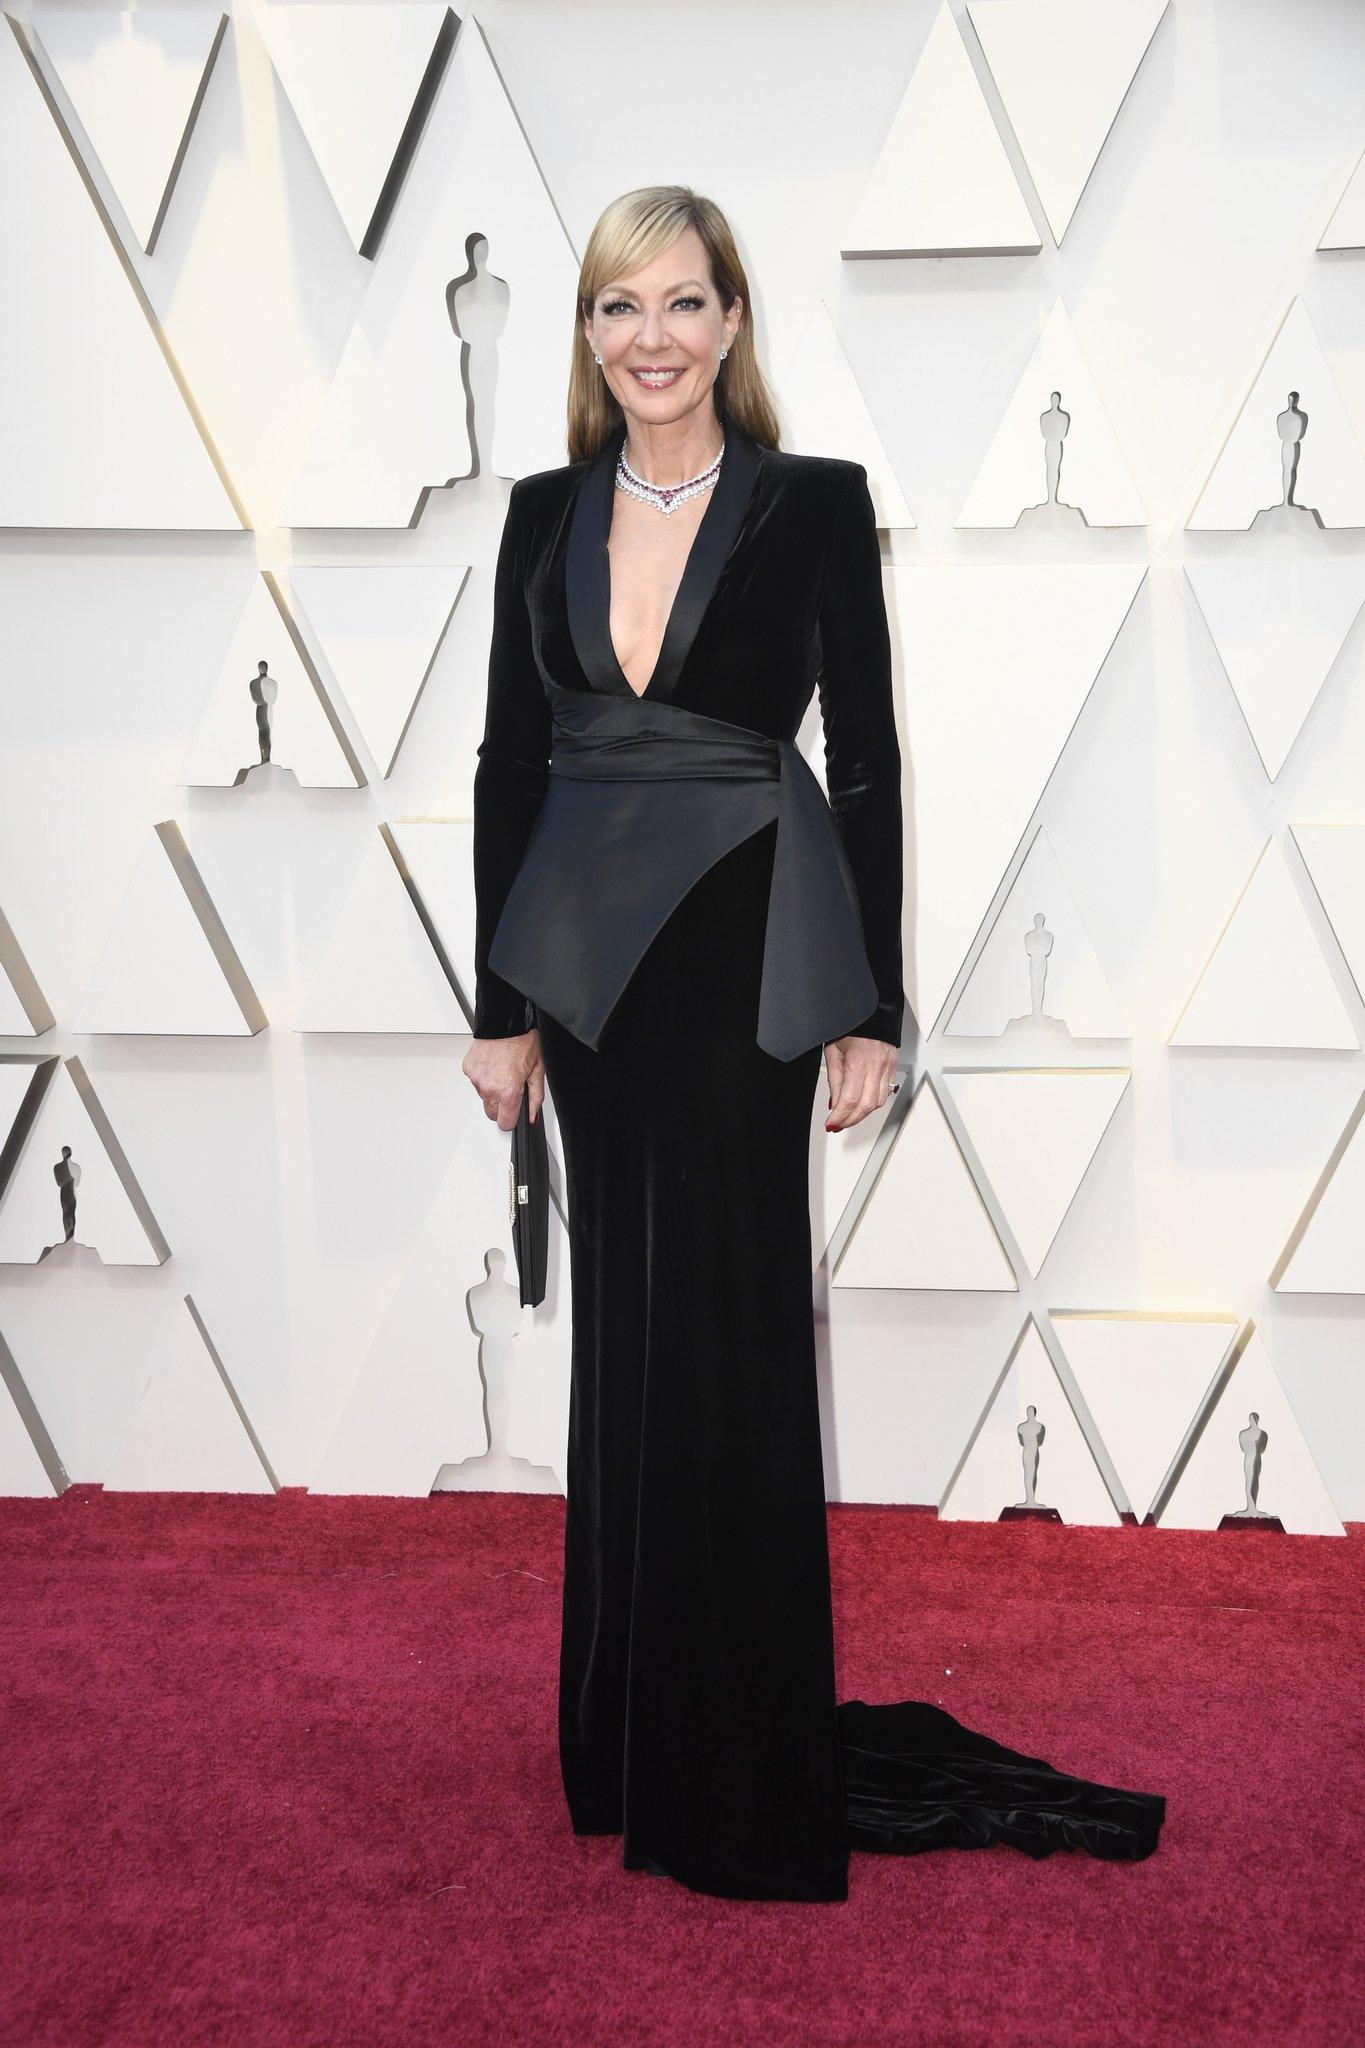 Oscars: Allison Janney at the 2019 Oscars • February 24, 2019